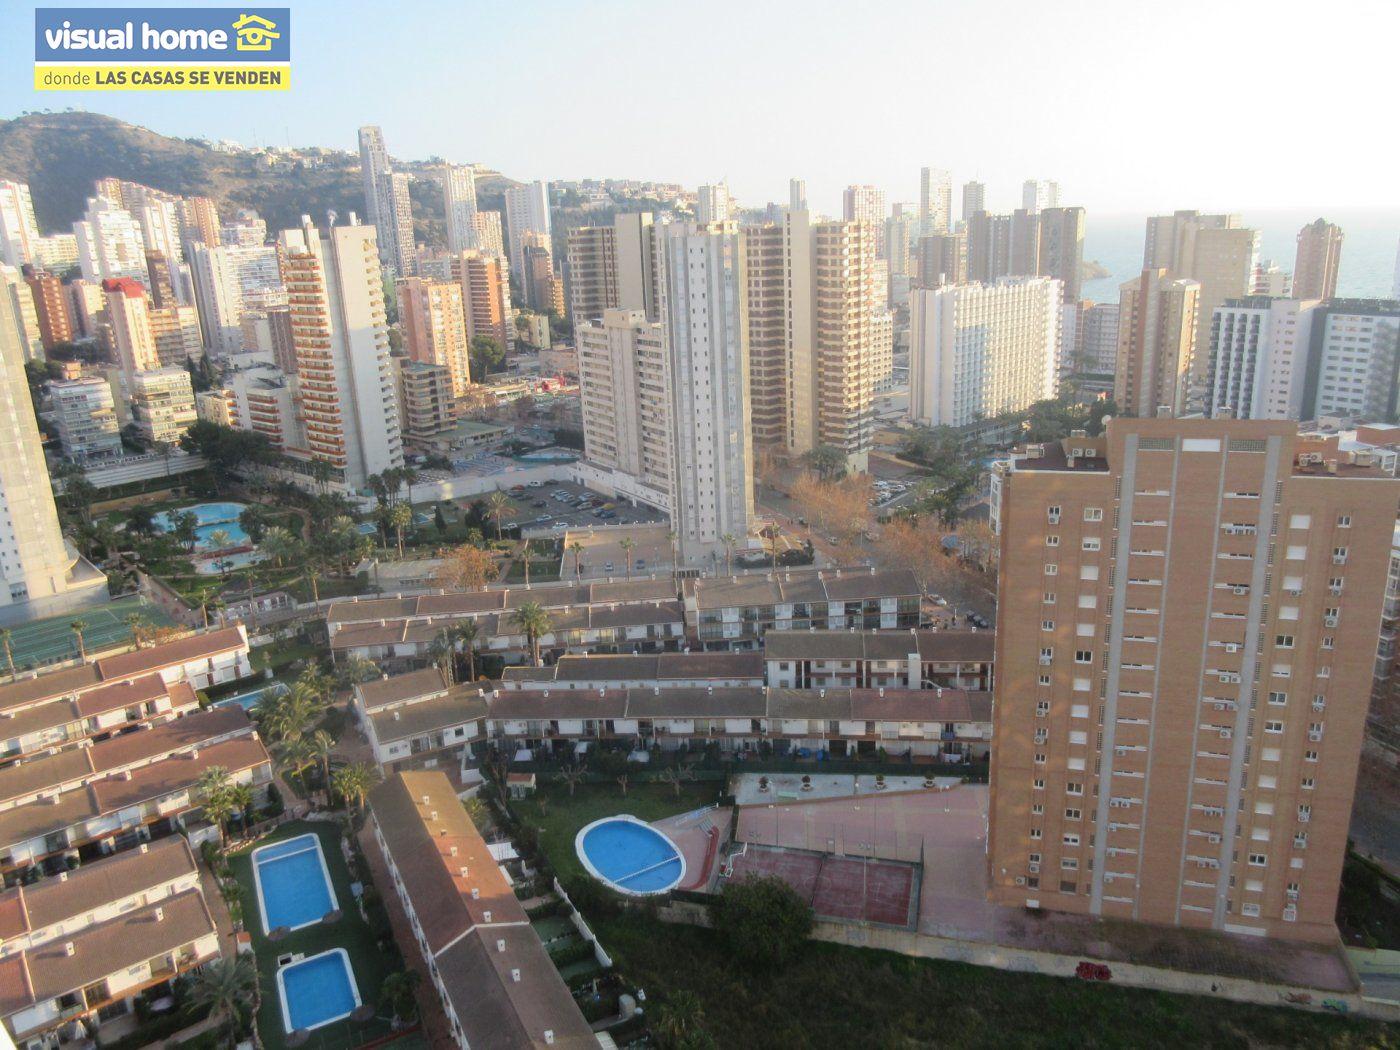 Apartamento 1 dormitorio con vistas espectaculares con parking y piscina en Rincón de Loix llano 32